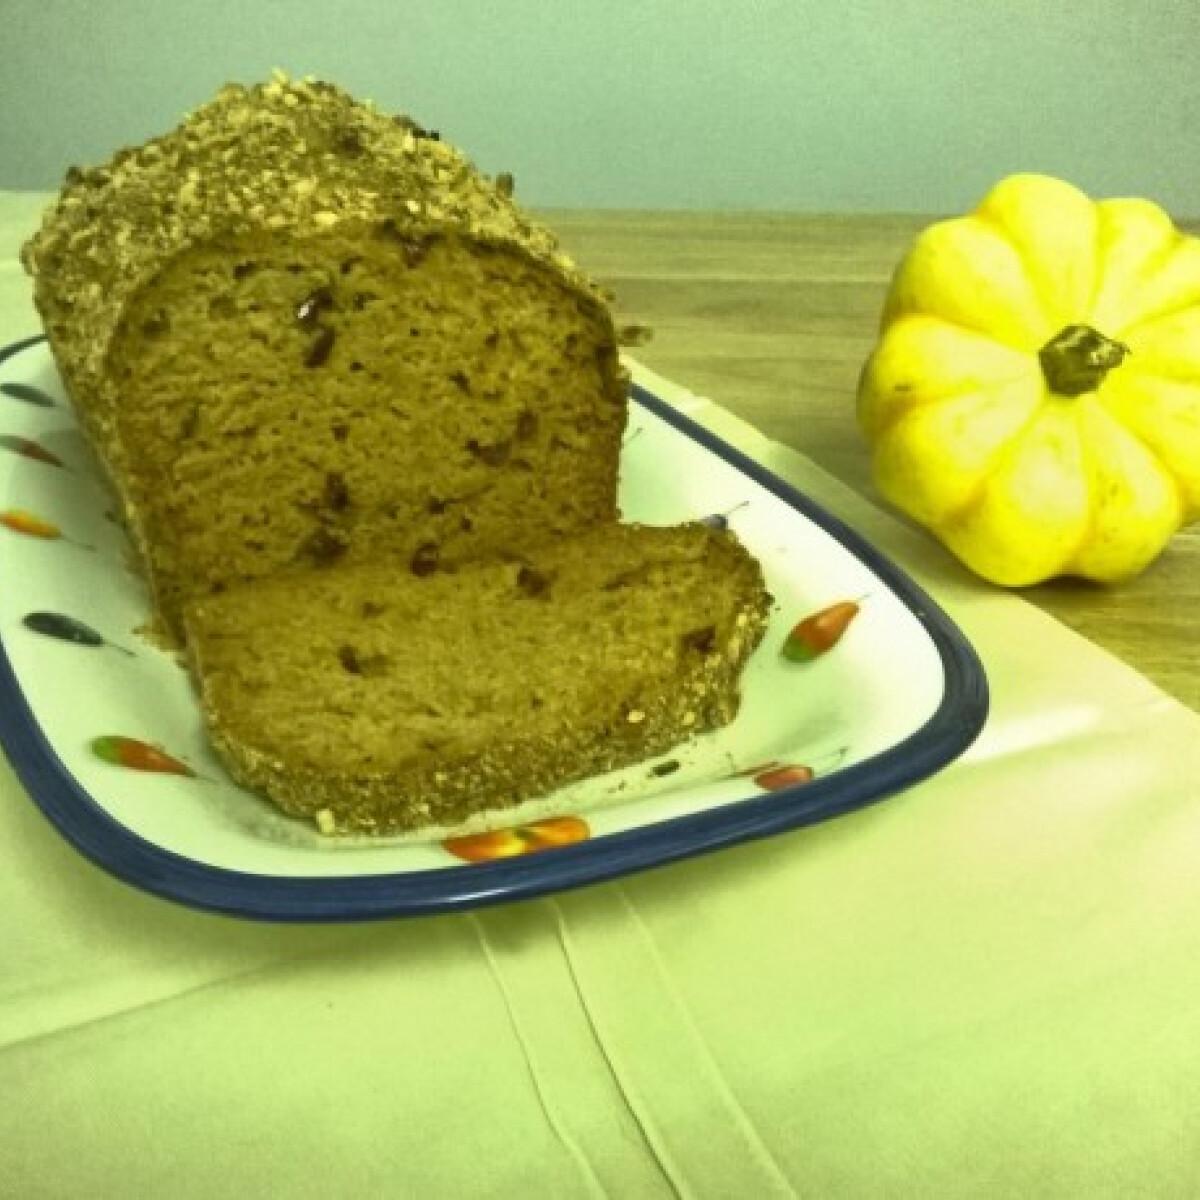 Ezen a képen: Gluténmentes édes tökkenyér